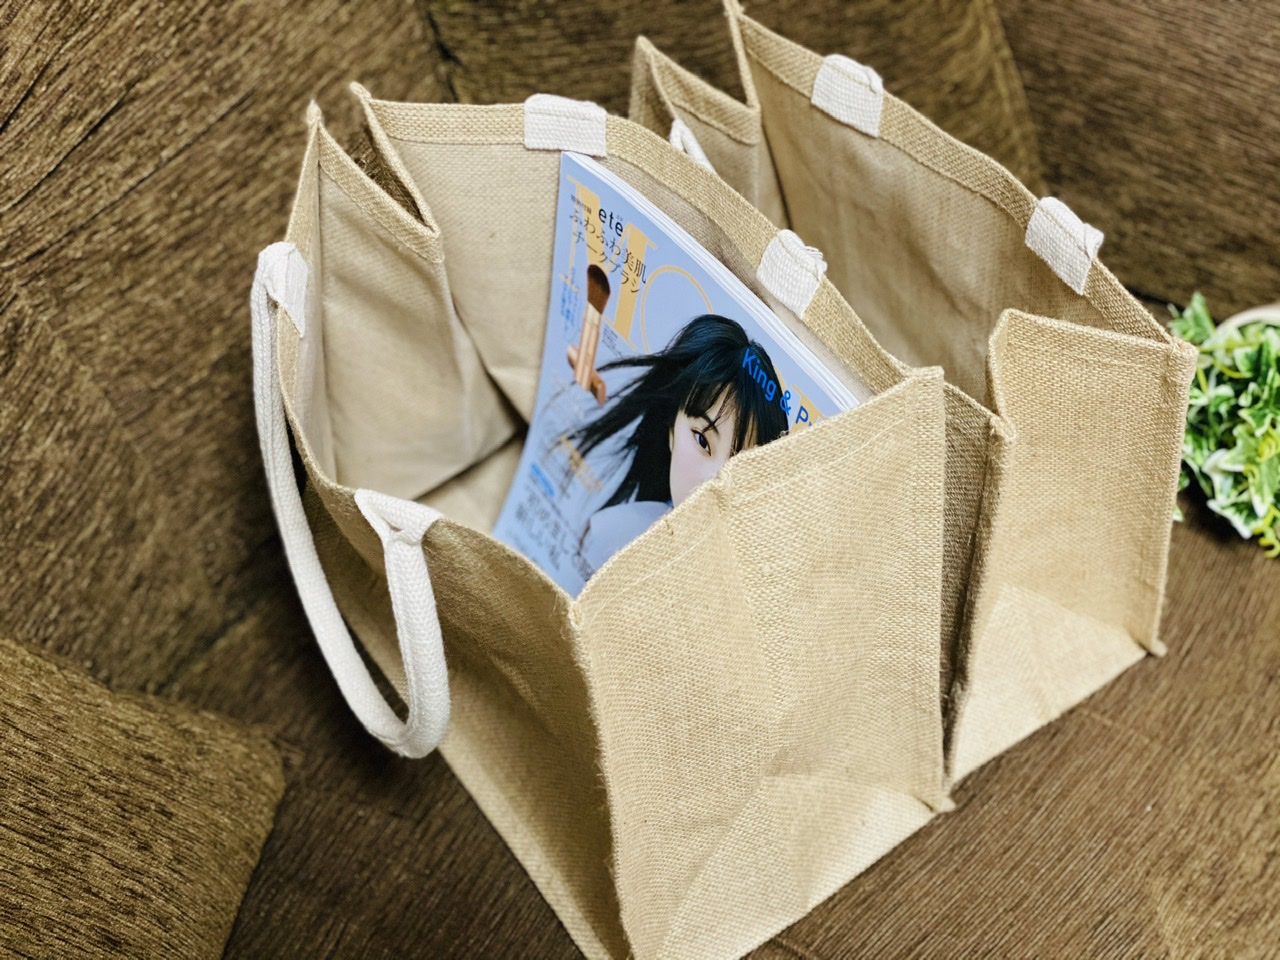 【エコバッグ】使い勝手抜群&驚きのプライス!無印良品《ジュートマイバッグ》が優秀♡_3